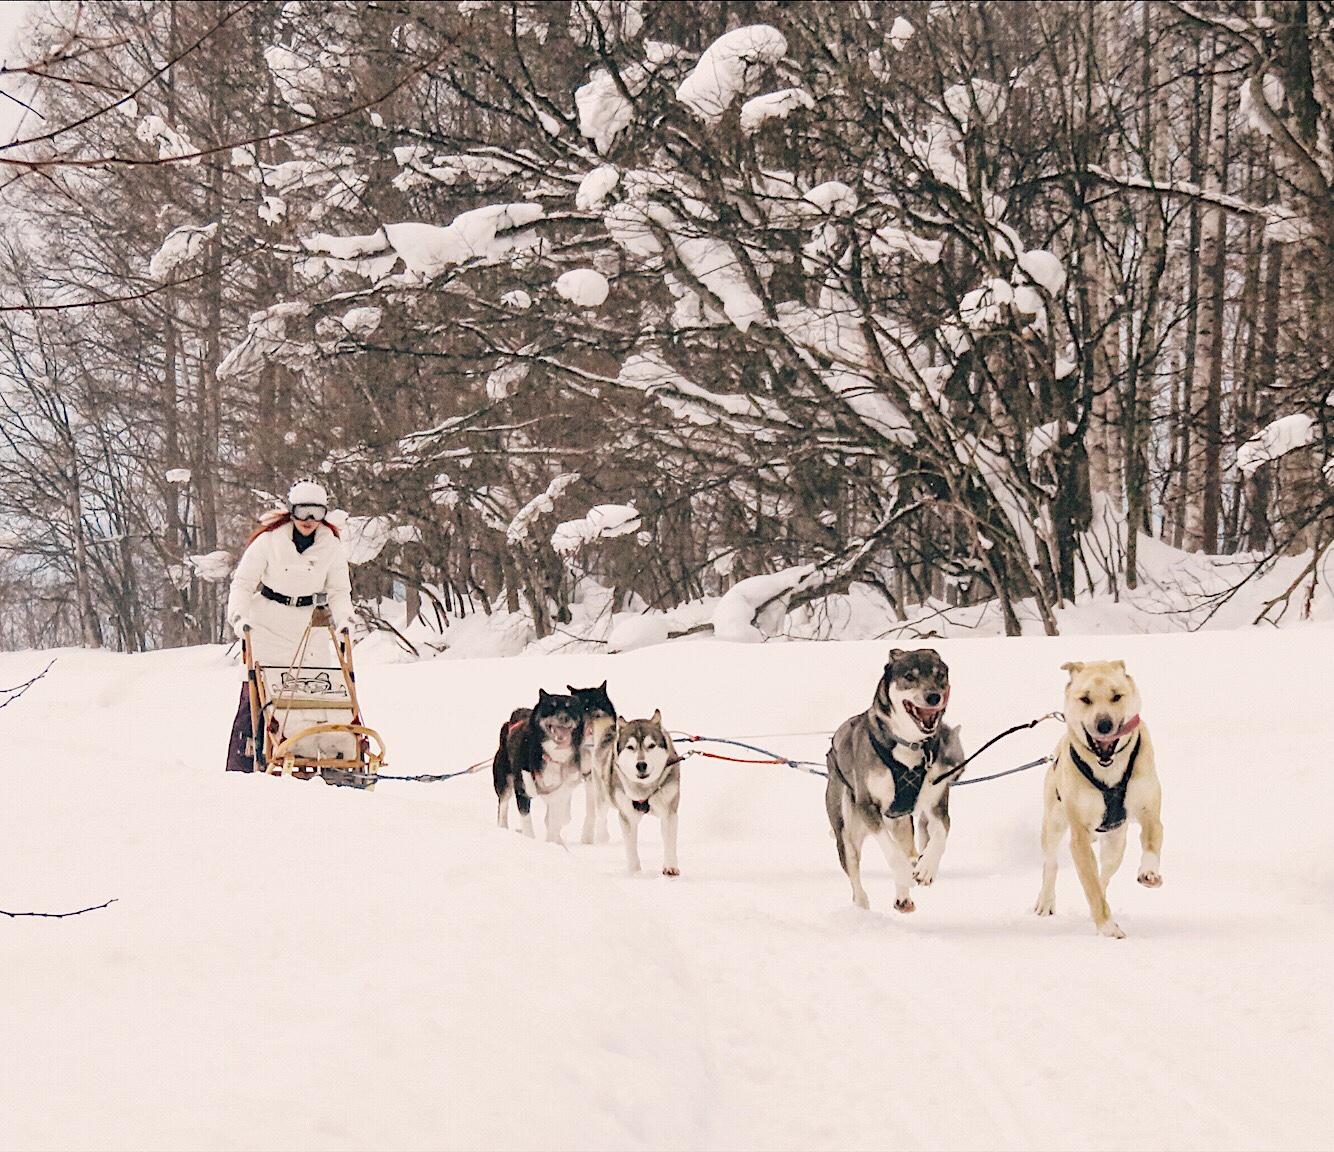 Bianca valerio husky sledding Hokkaido Japan